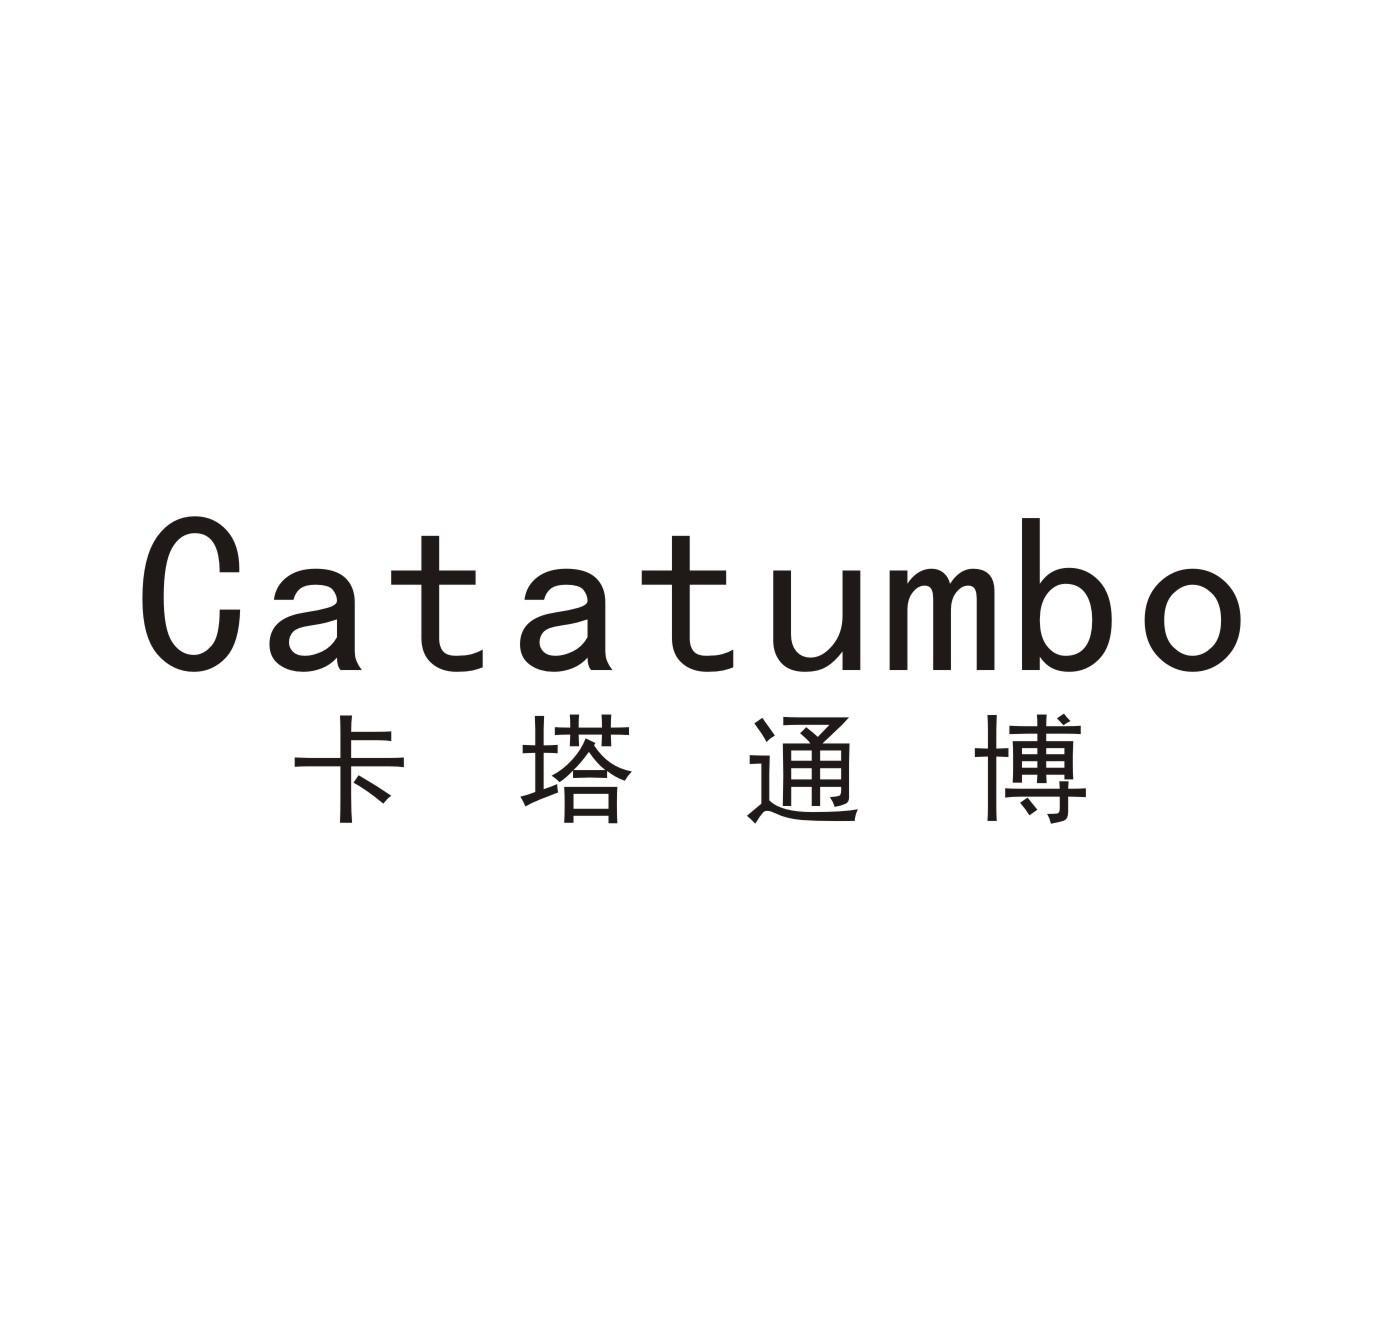 转让商标-卡塔通博 CATATUMBO